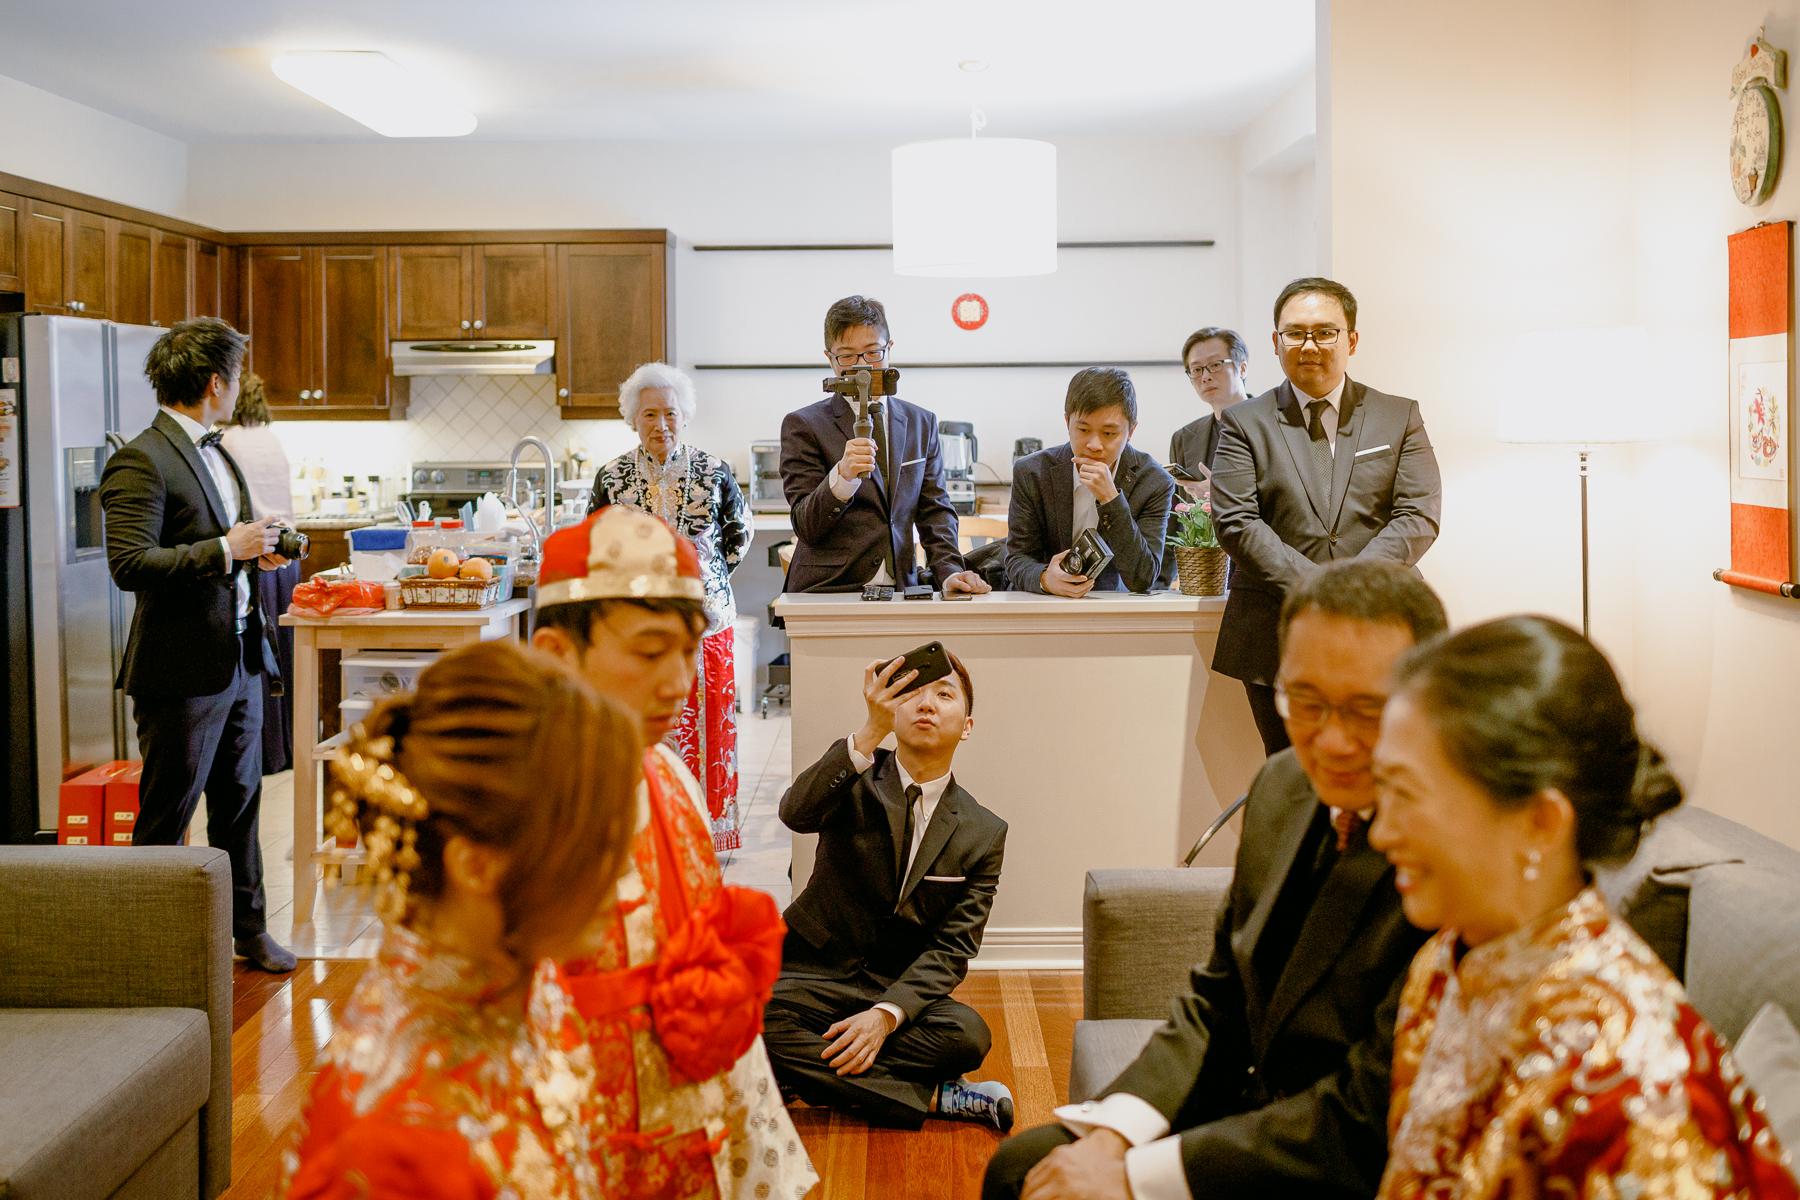 markham-wedding-photography-markham-museum-wedding 0007.jpg